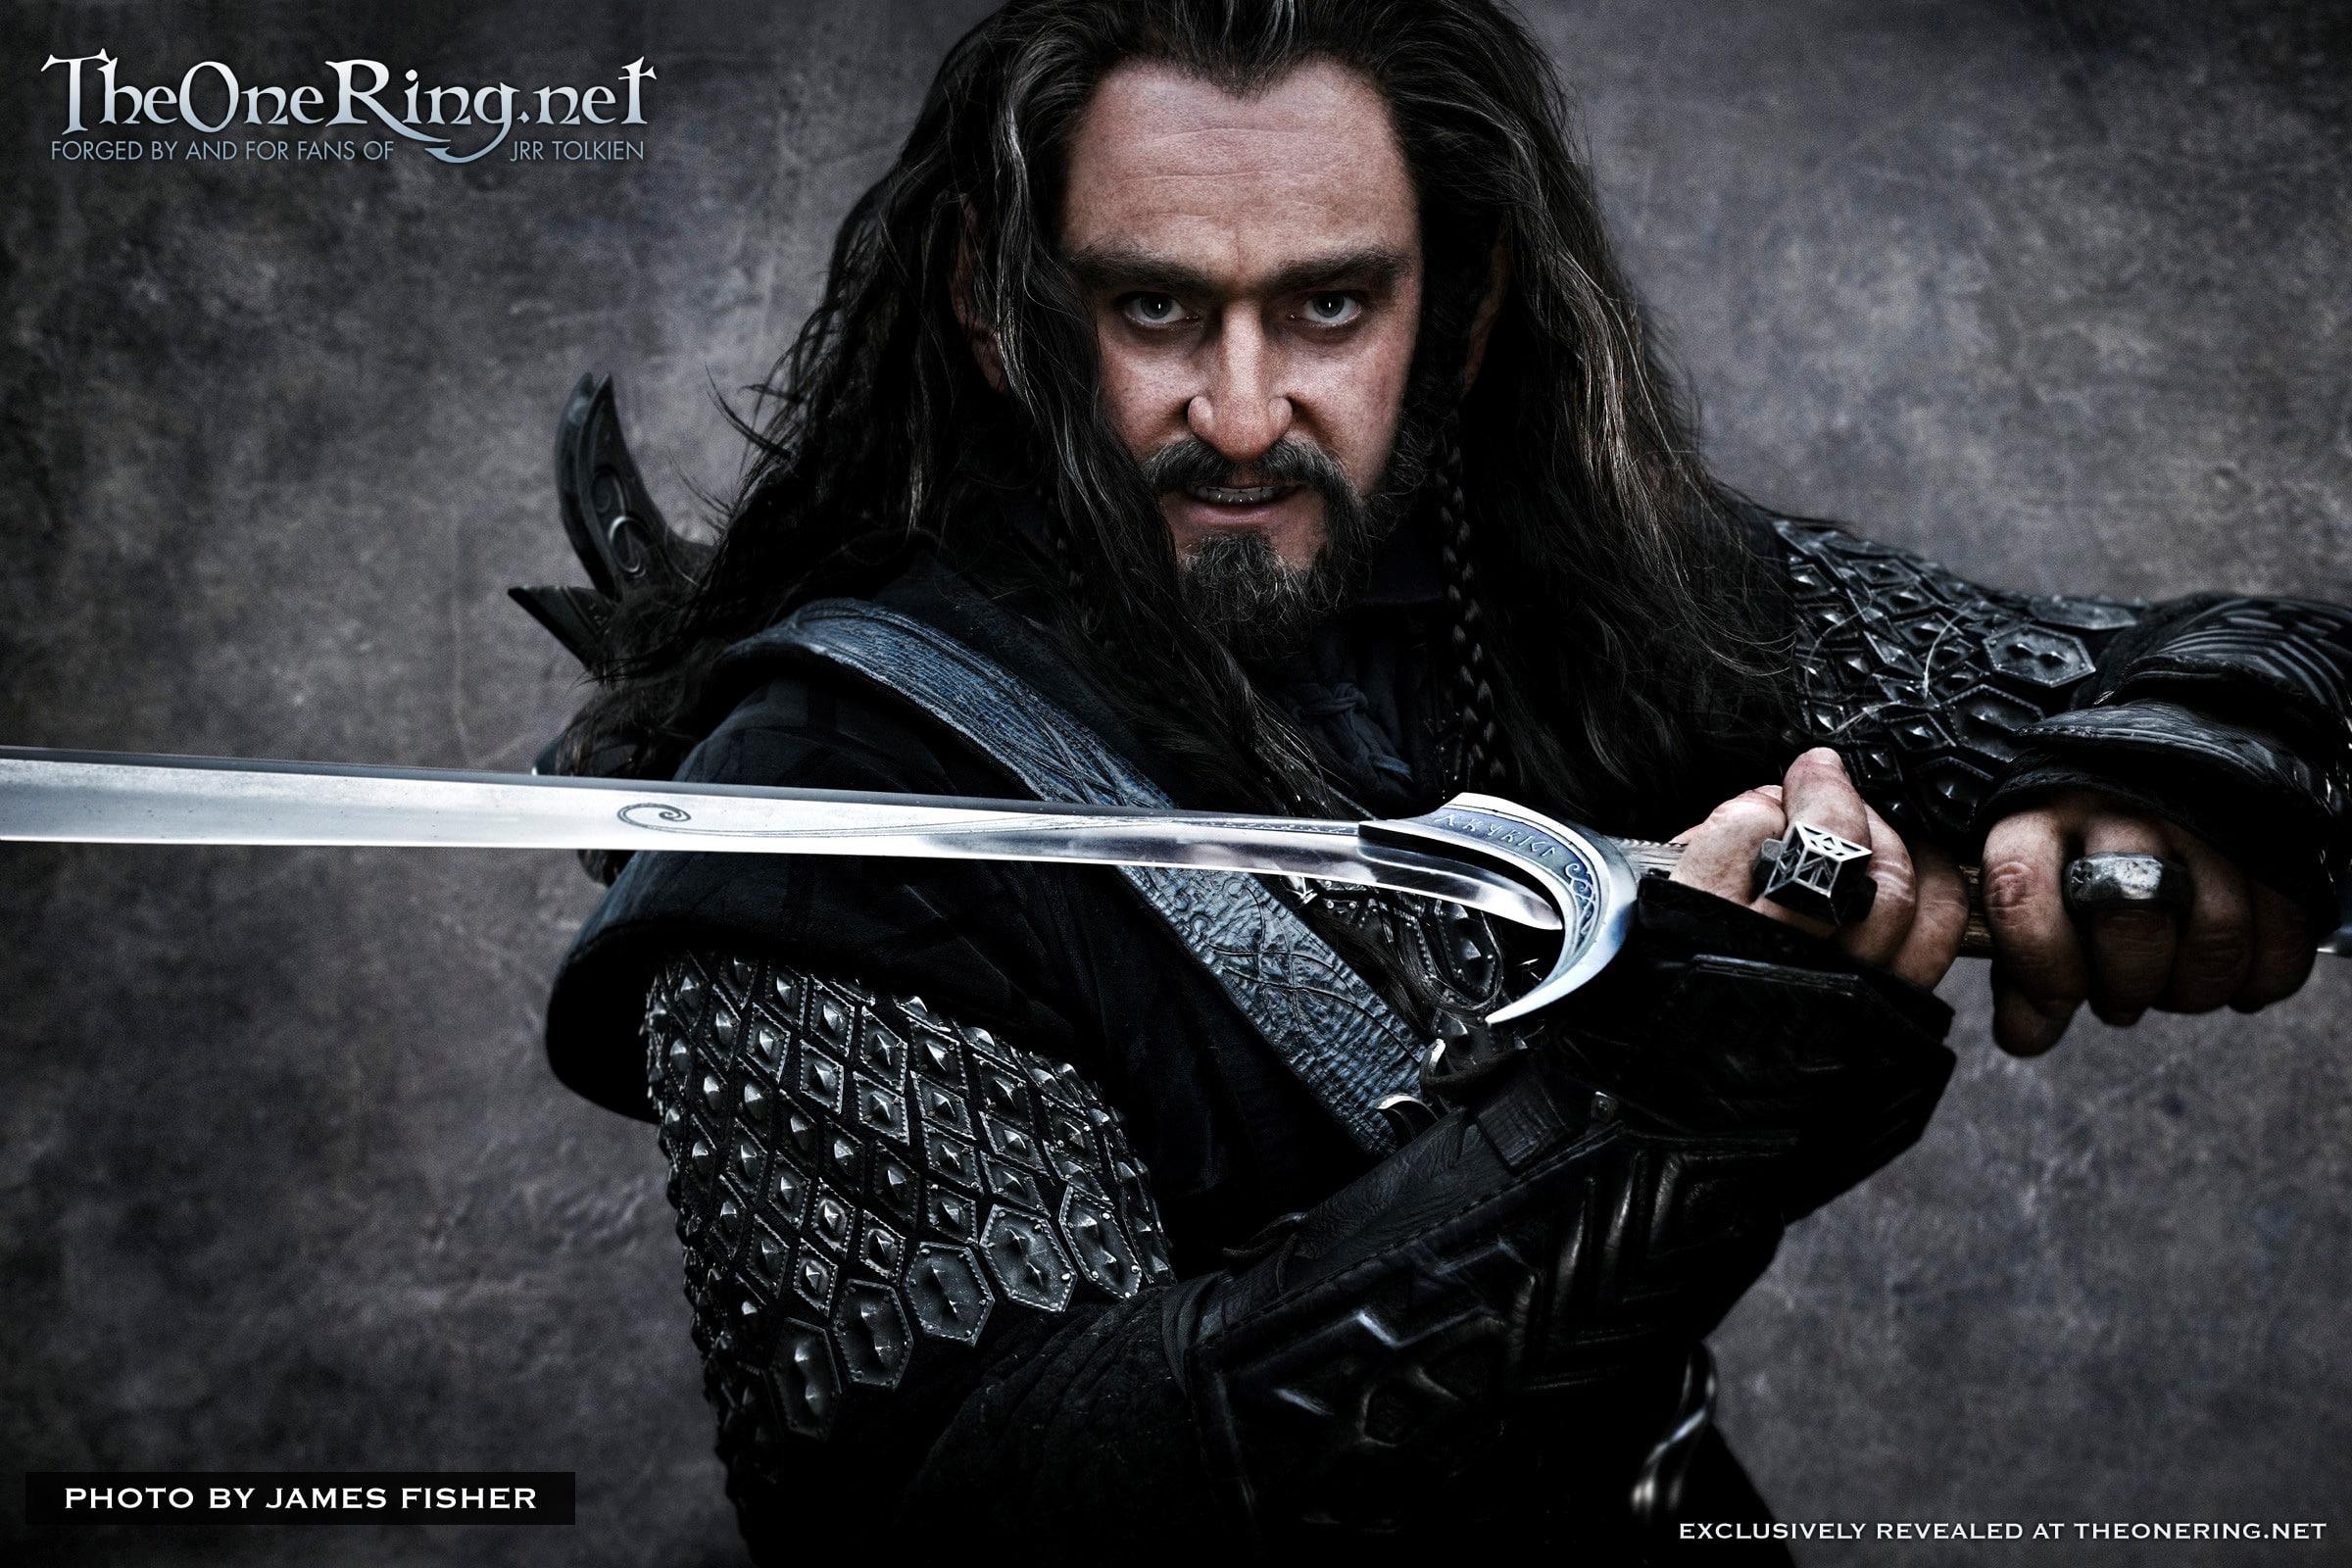 The-Hobbit-Bilbo-Le-Hobbit-1ère-Partie-Official-Photo-09